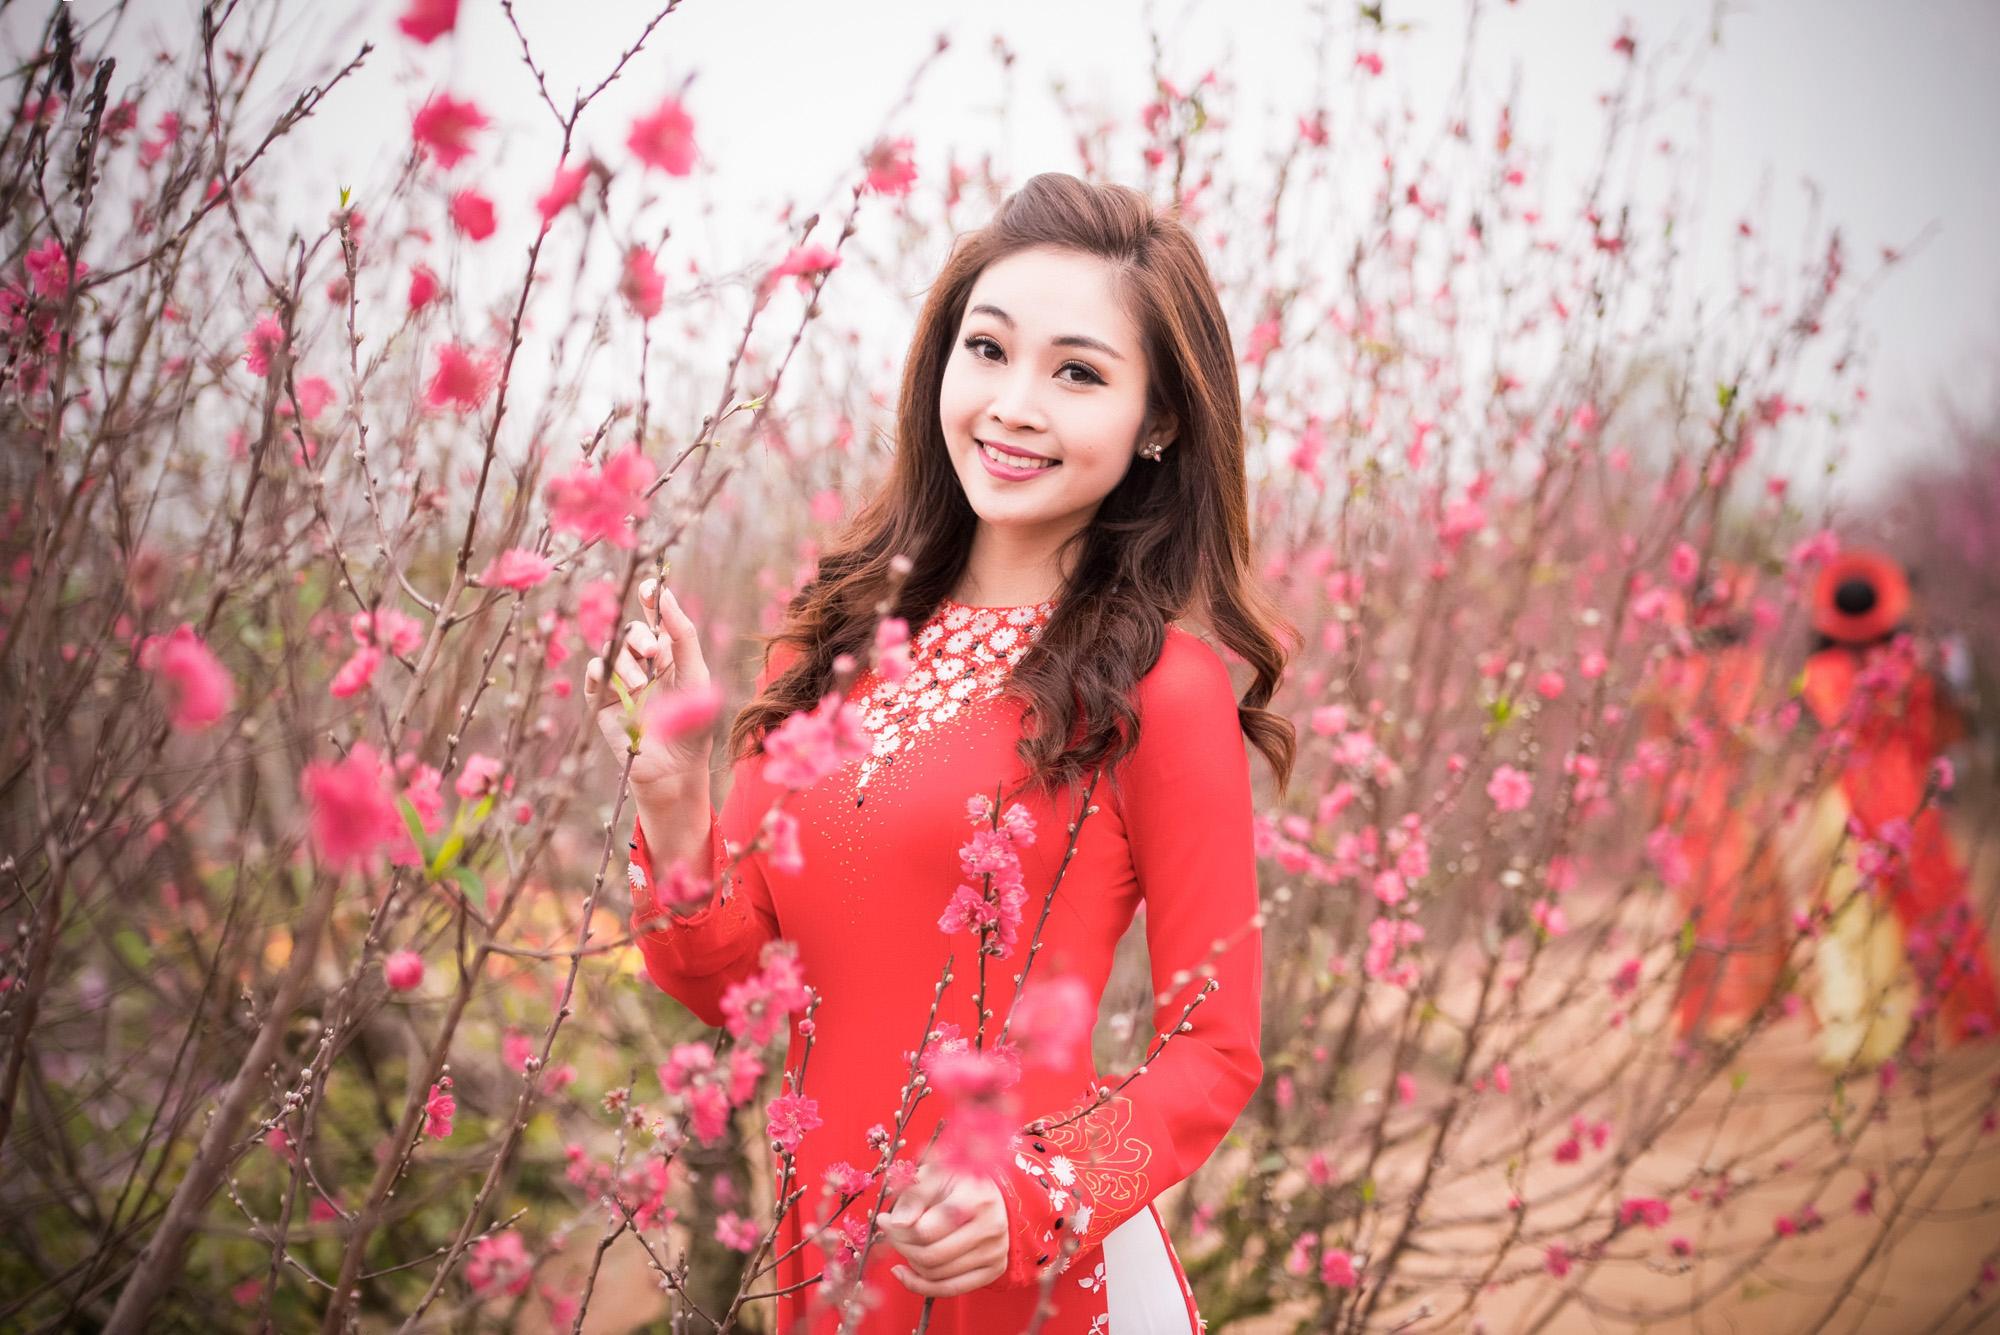 hinh-anh-my-nhan-viet-don-xuan-2016-hot-girl-viet-nam-mung-xuan-14